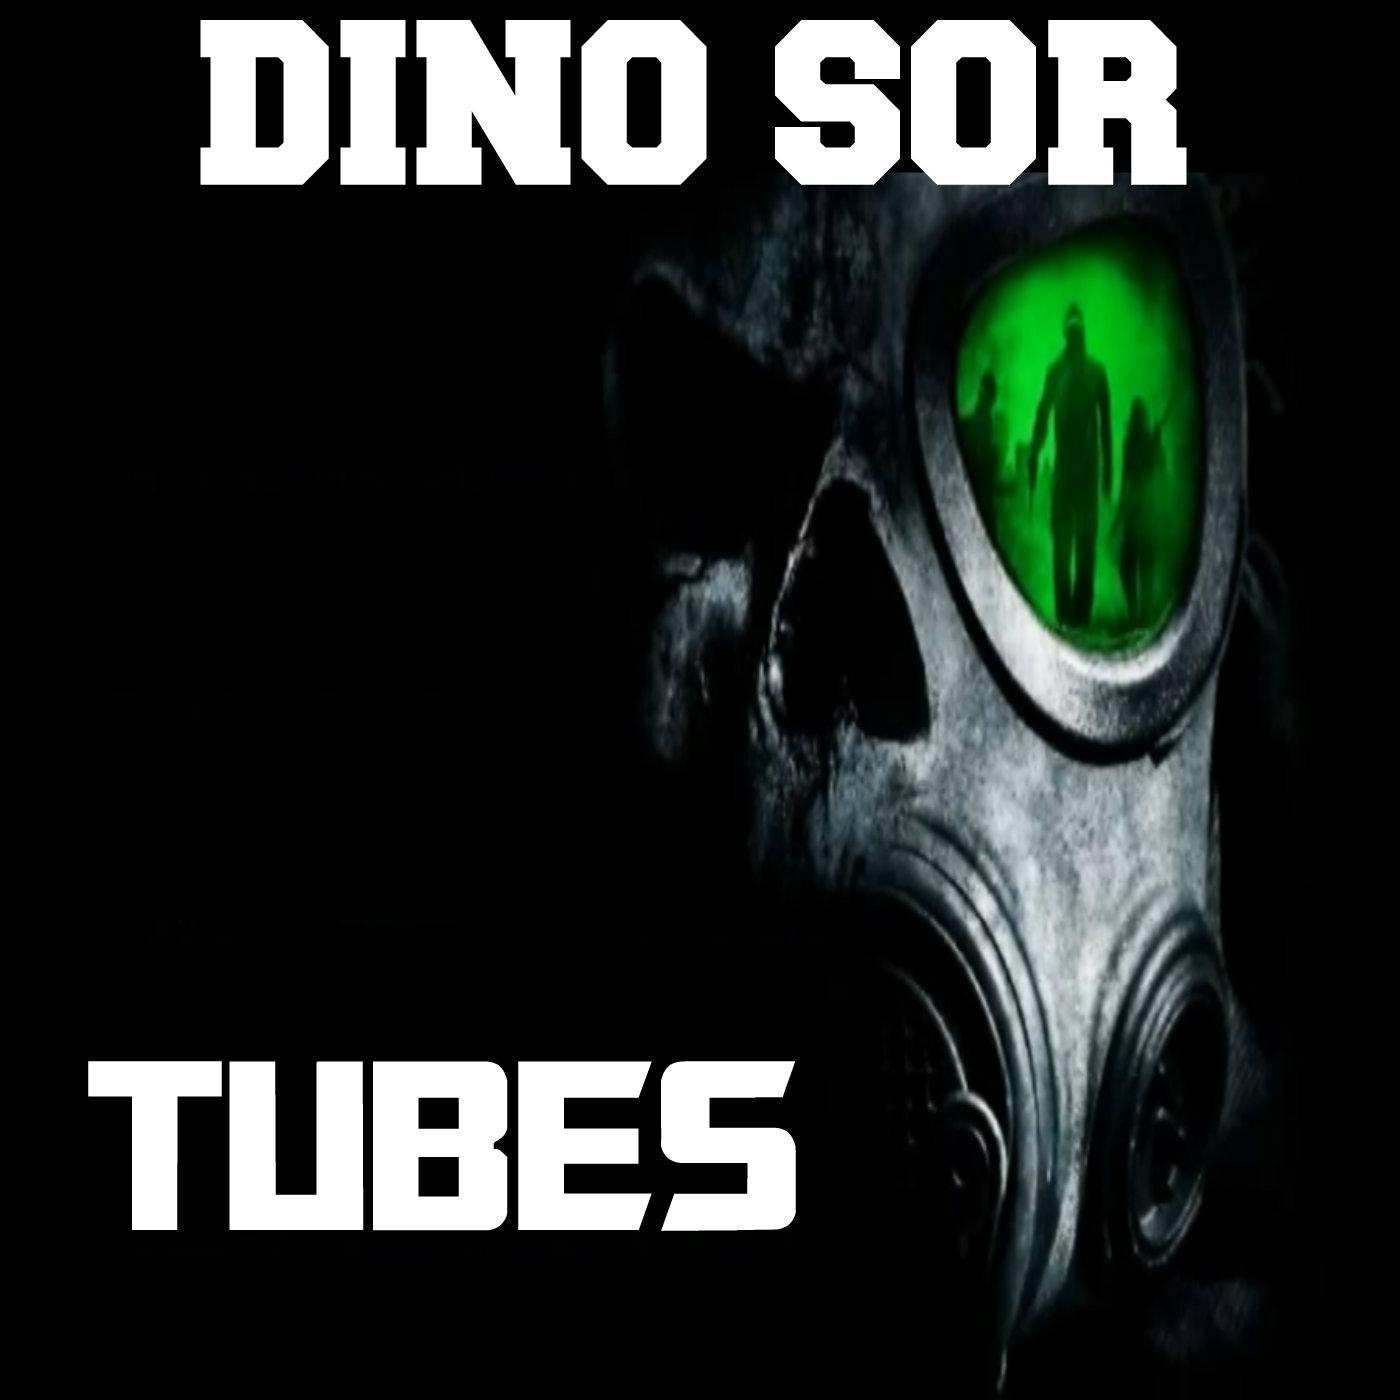 Dino Sor - Night Vision (Original Mix)